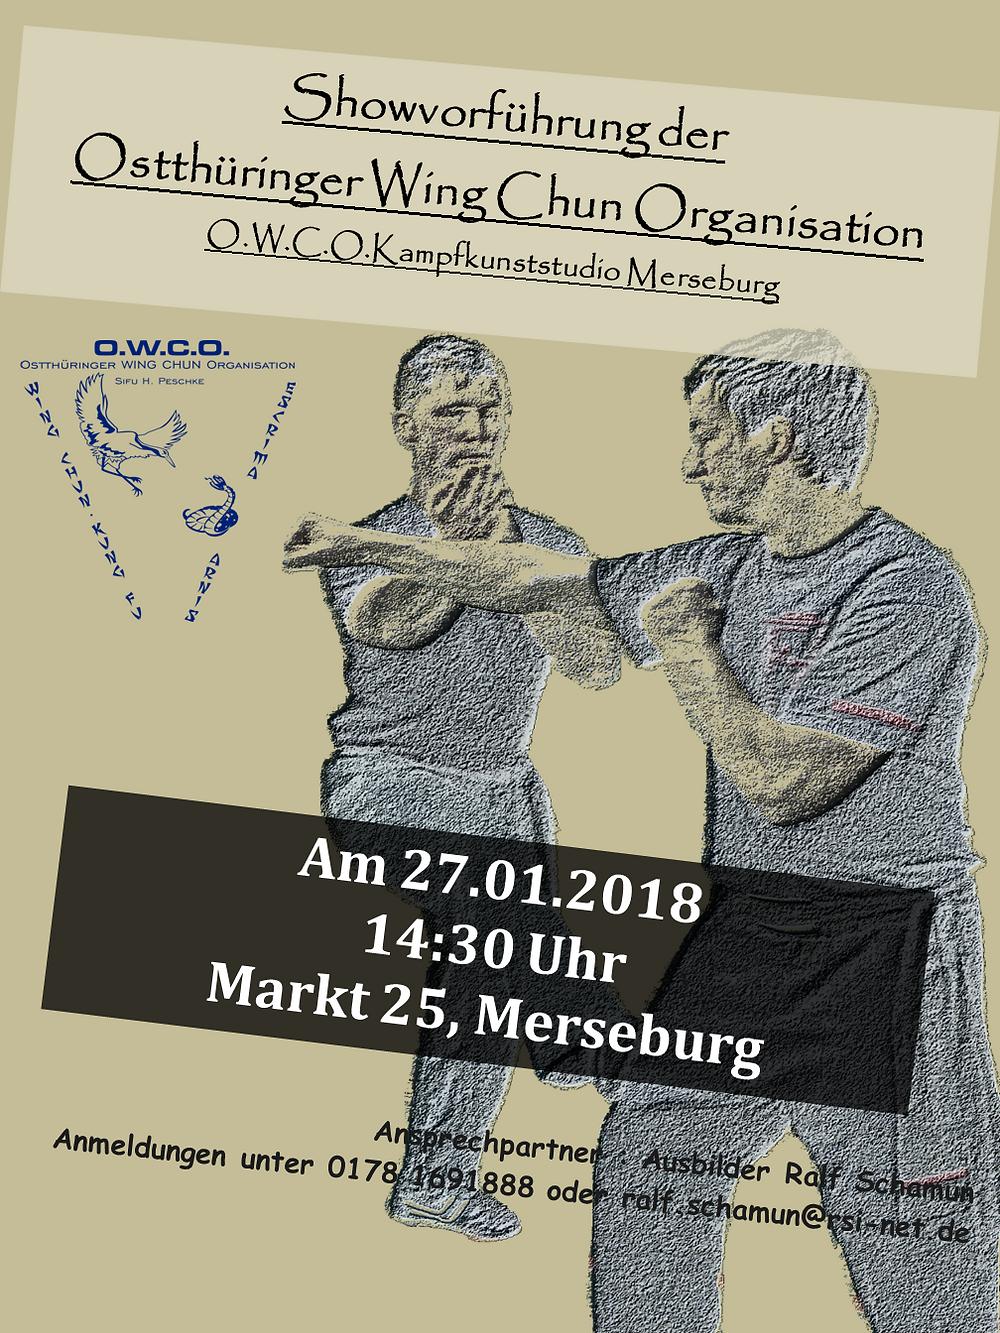 WING CHUN in Merseburg